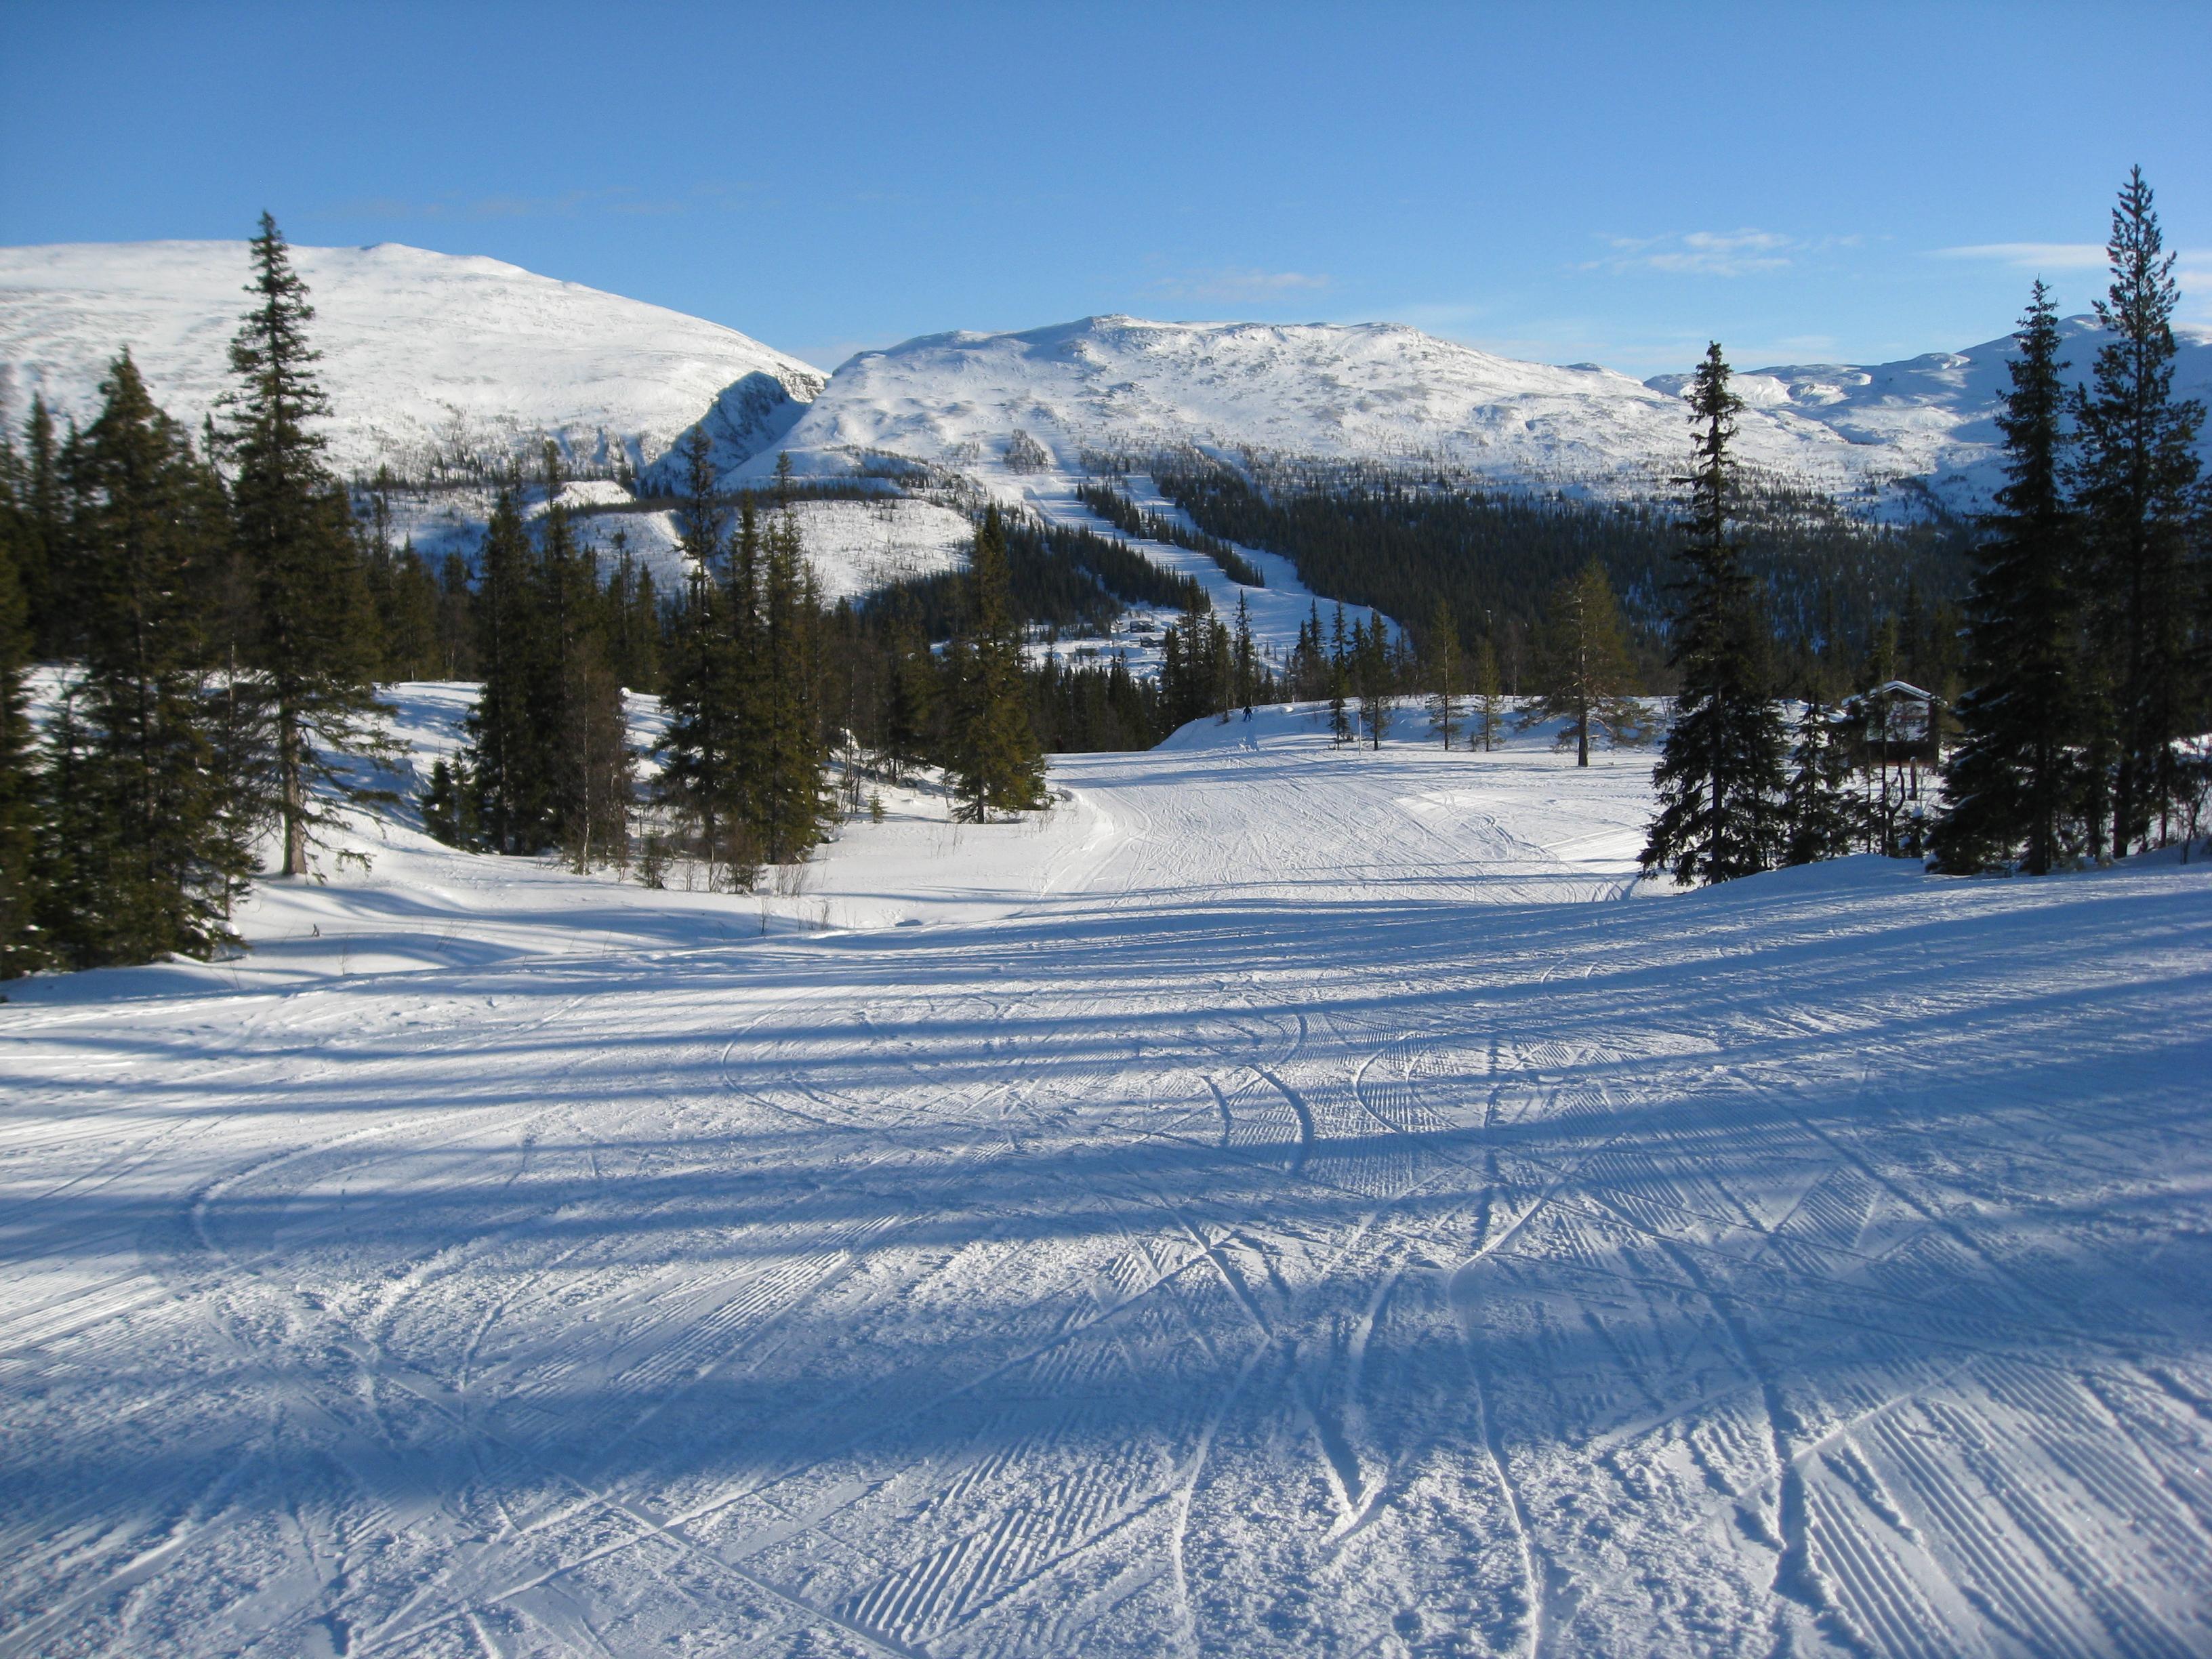 Bydalen slalombacke